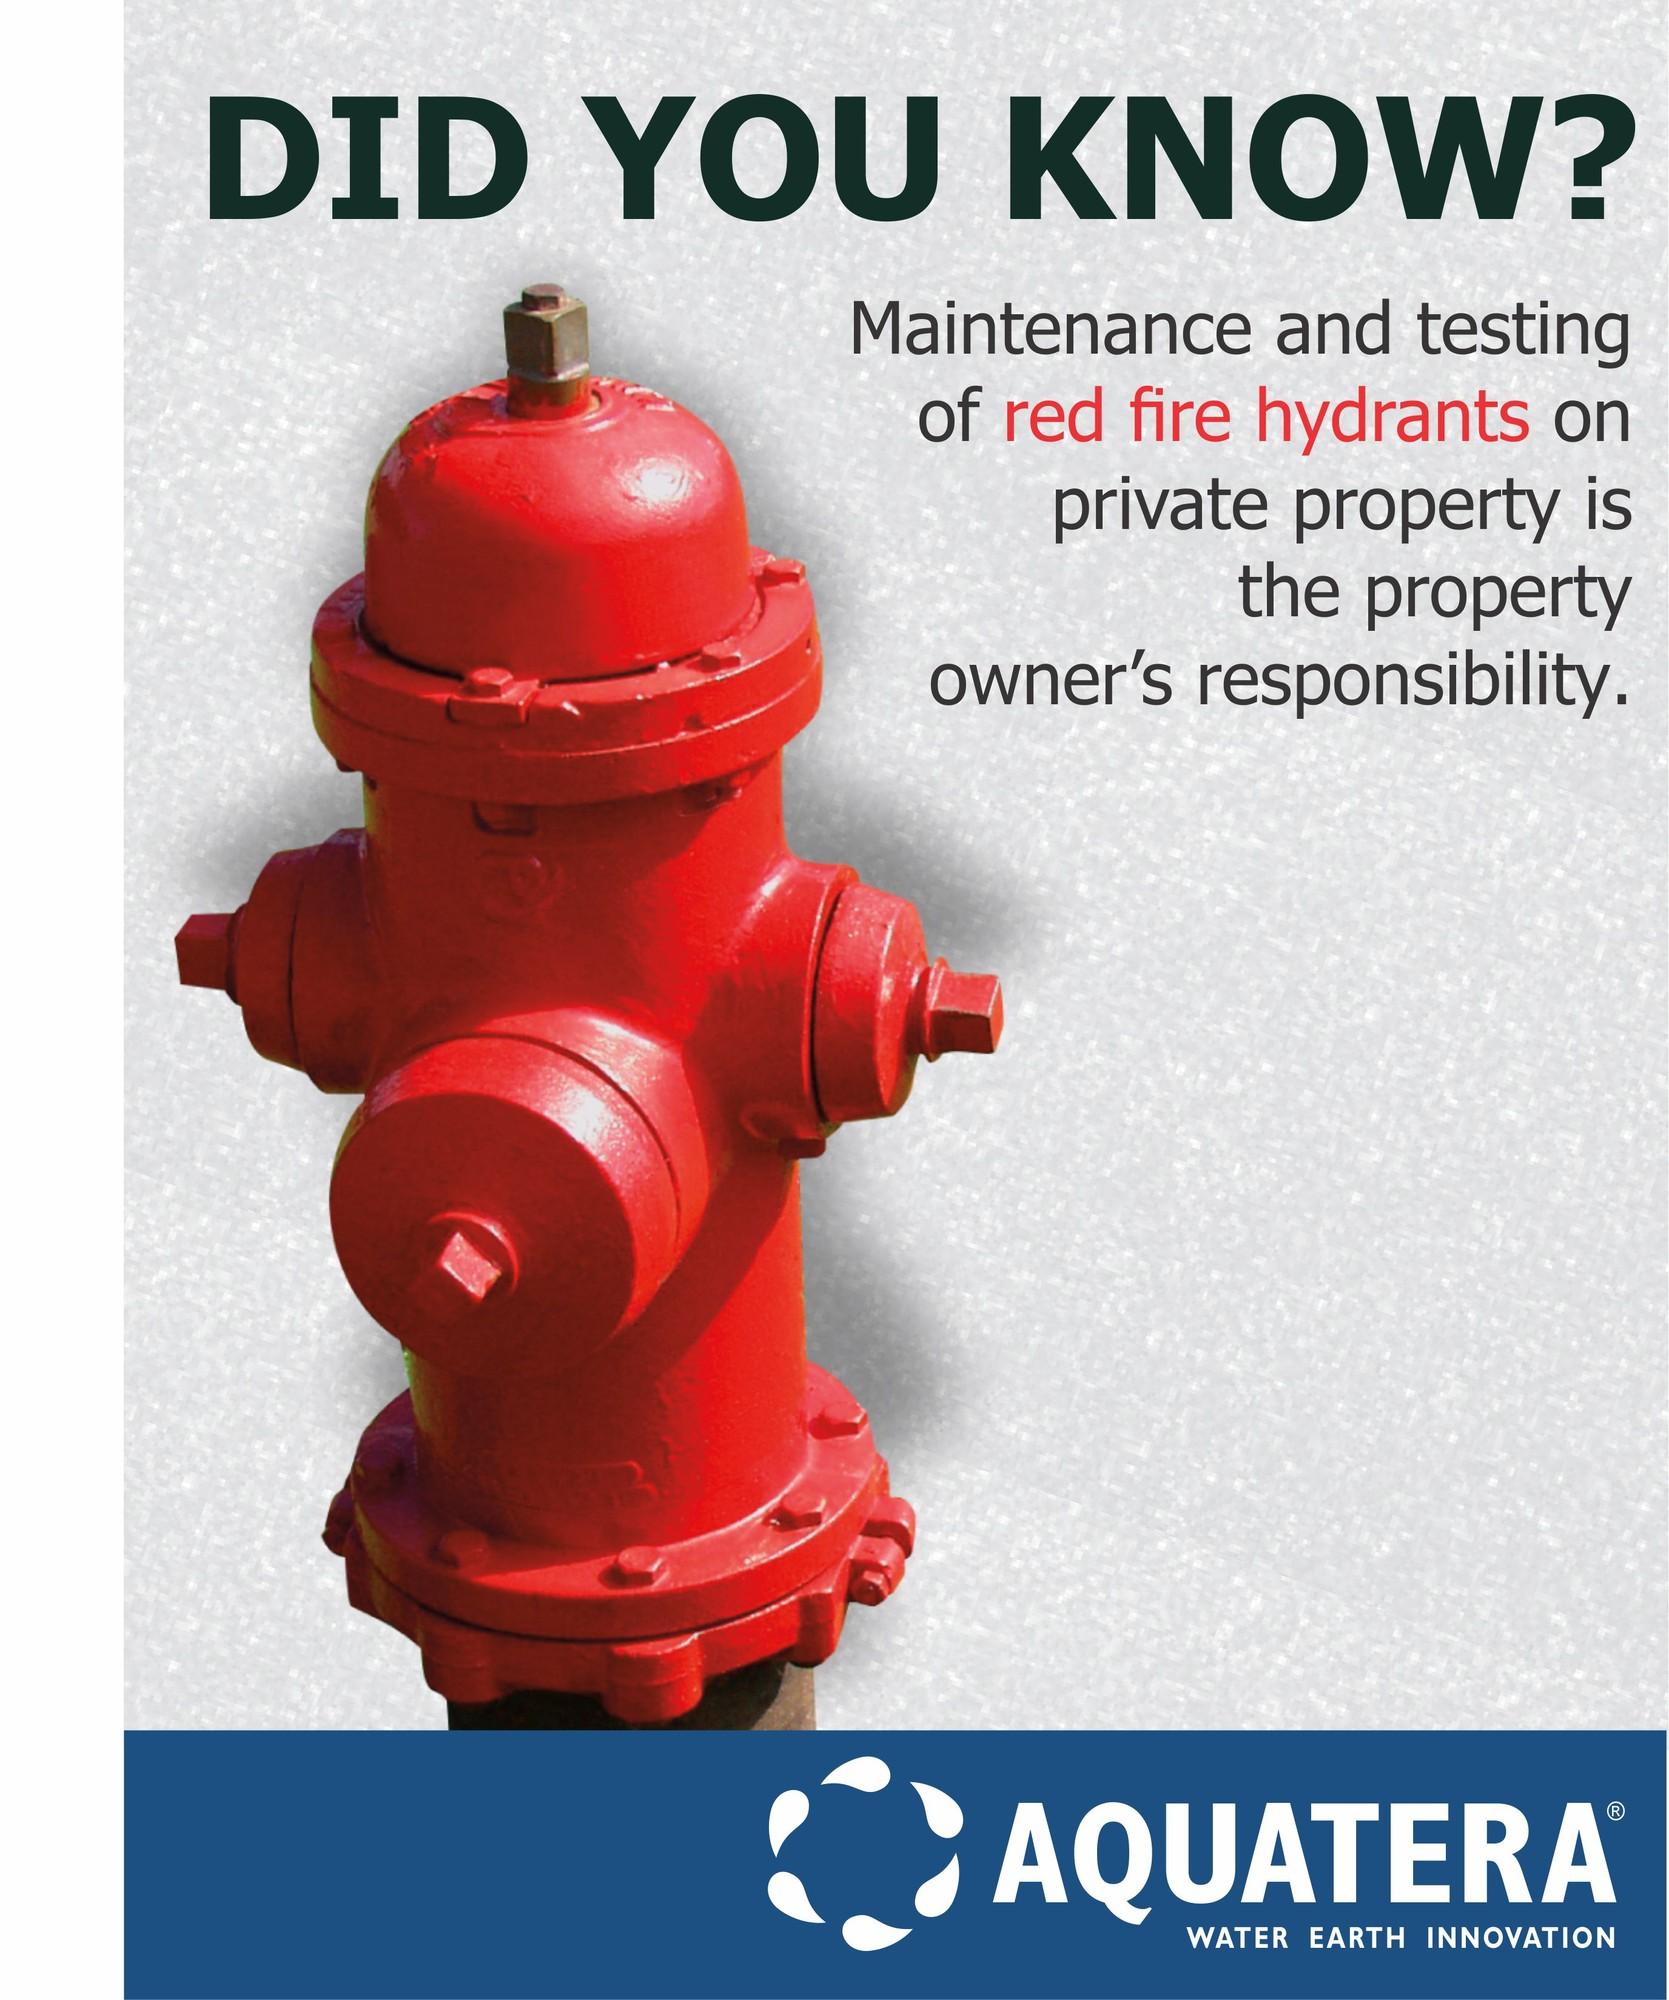 hydrant repair and maintenance aquatera